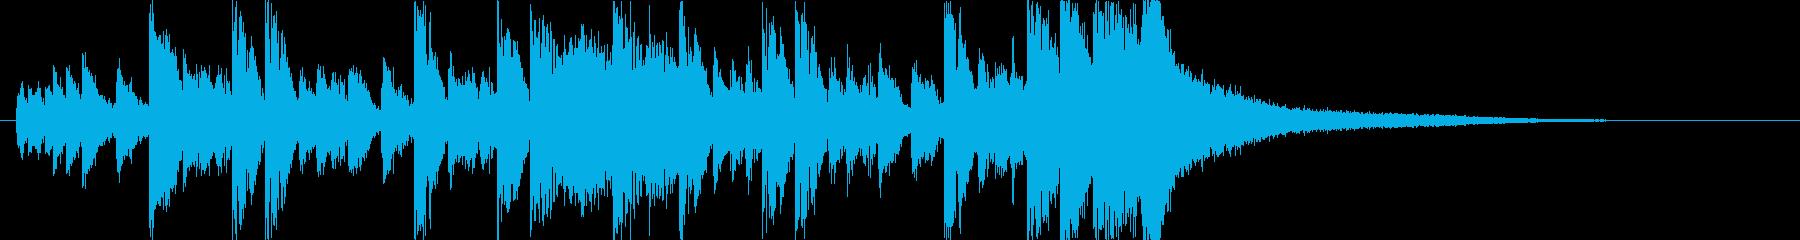 かわいいベルうきうきポップ日常ジングルbの再生済みの波形